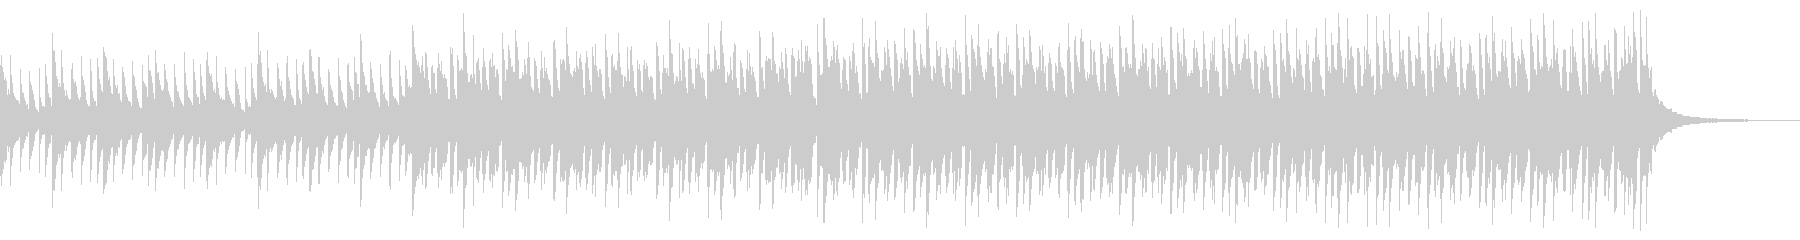 ショートver ゆったり ピアノ&鉄琴の未再生の波形